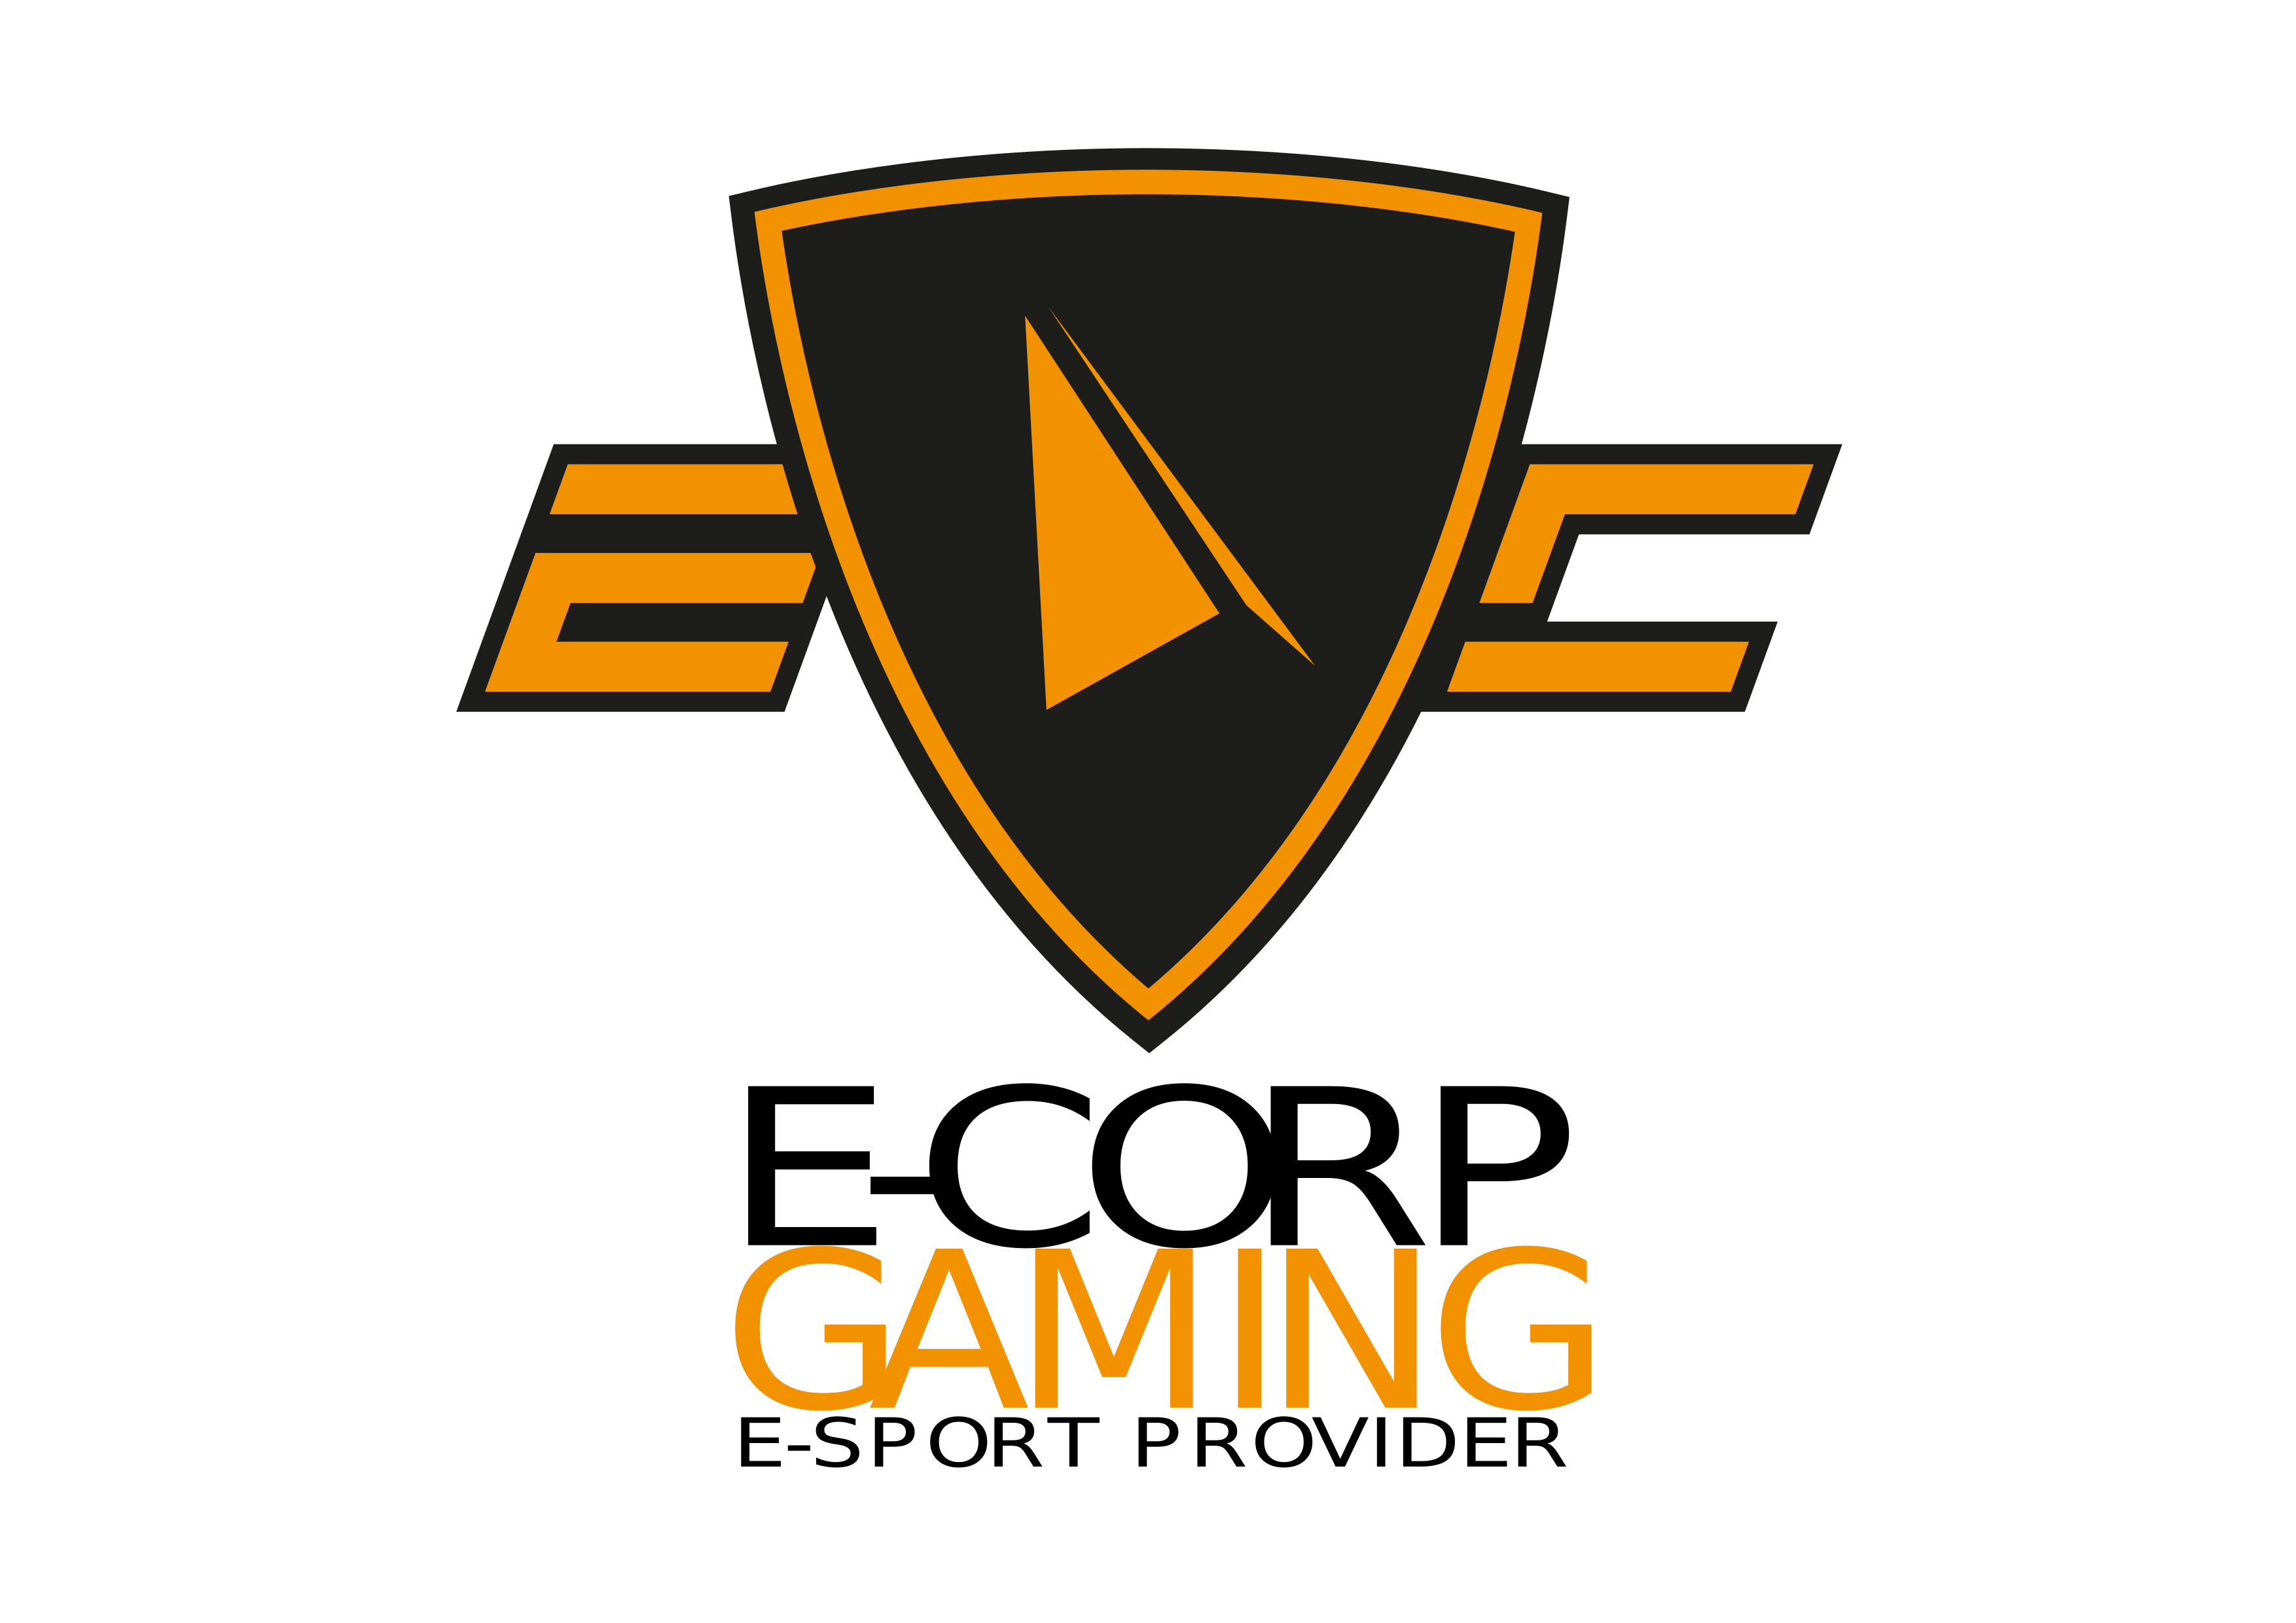 E-CORP GAMING